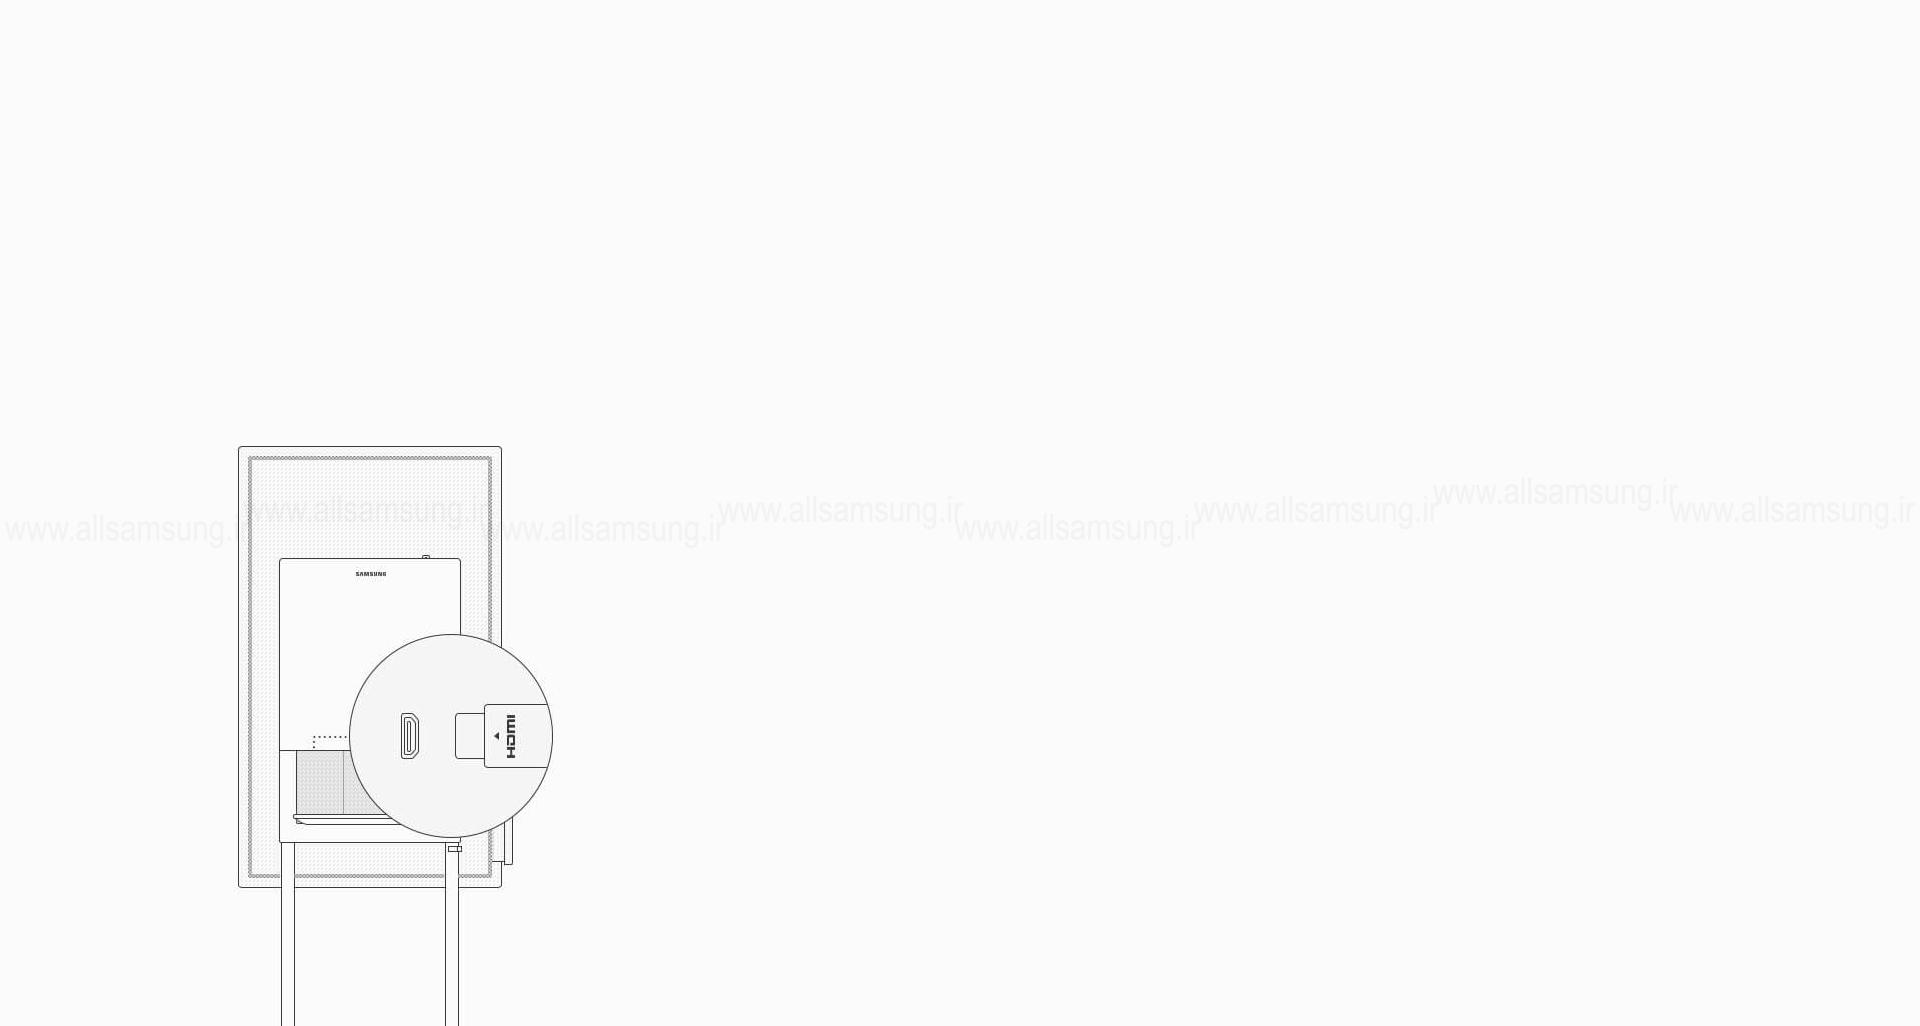 نمایشگر دیجیتال WM55H سامسونگ با امکان برقراری اتصال با دستگاههای مختلف